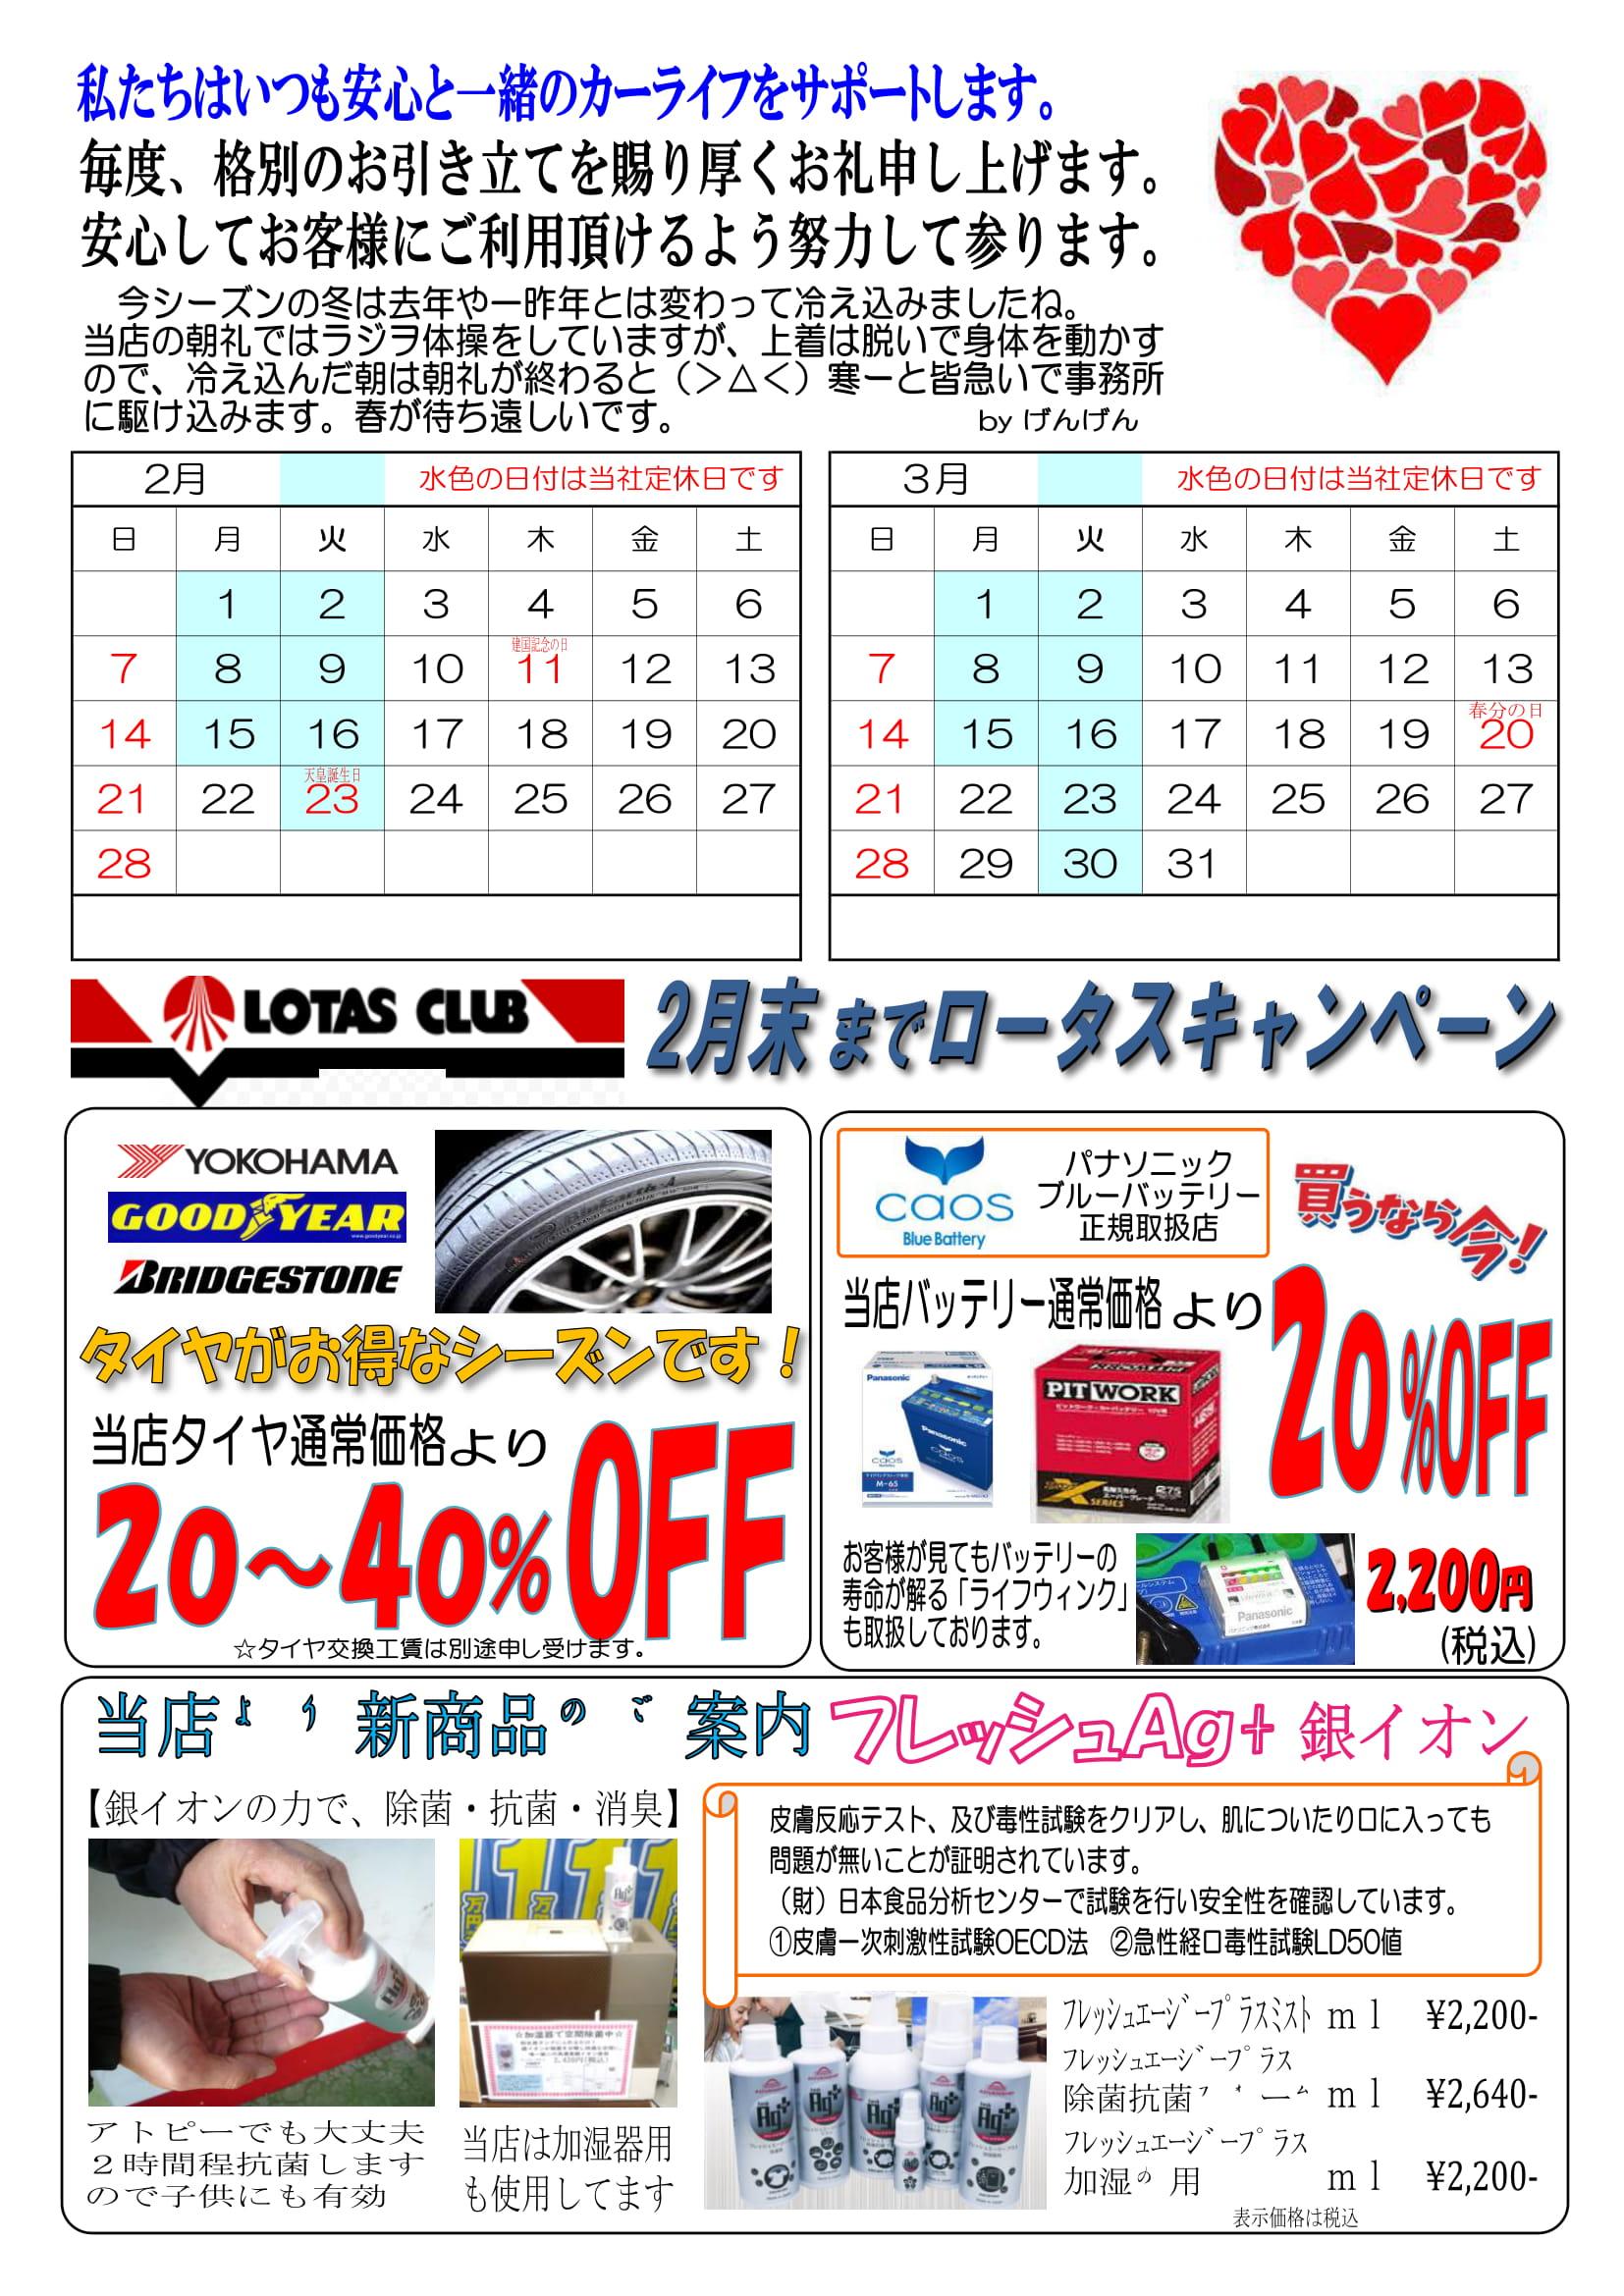 マッハ車検五日市店 マッハ通信2月号!